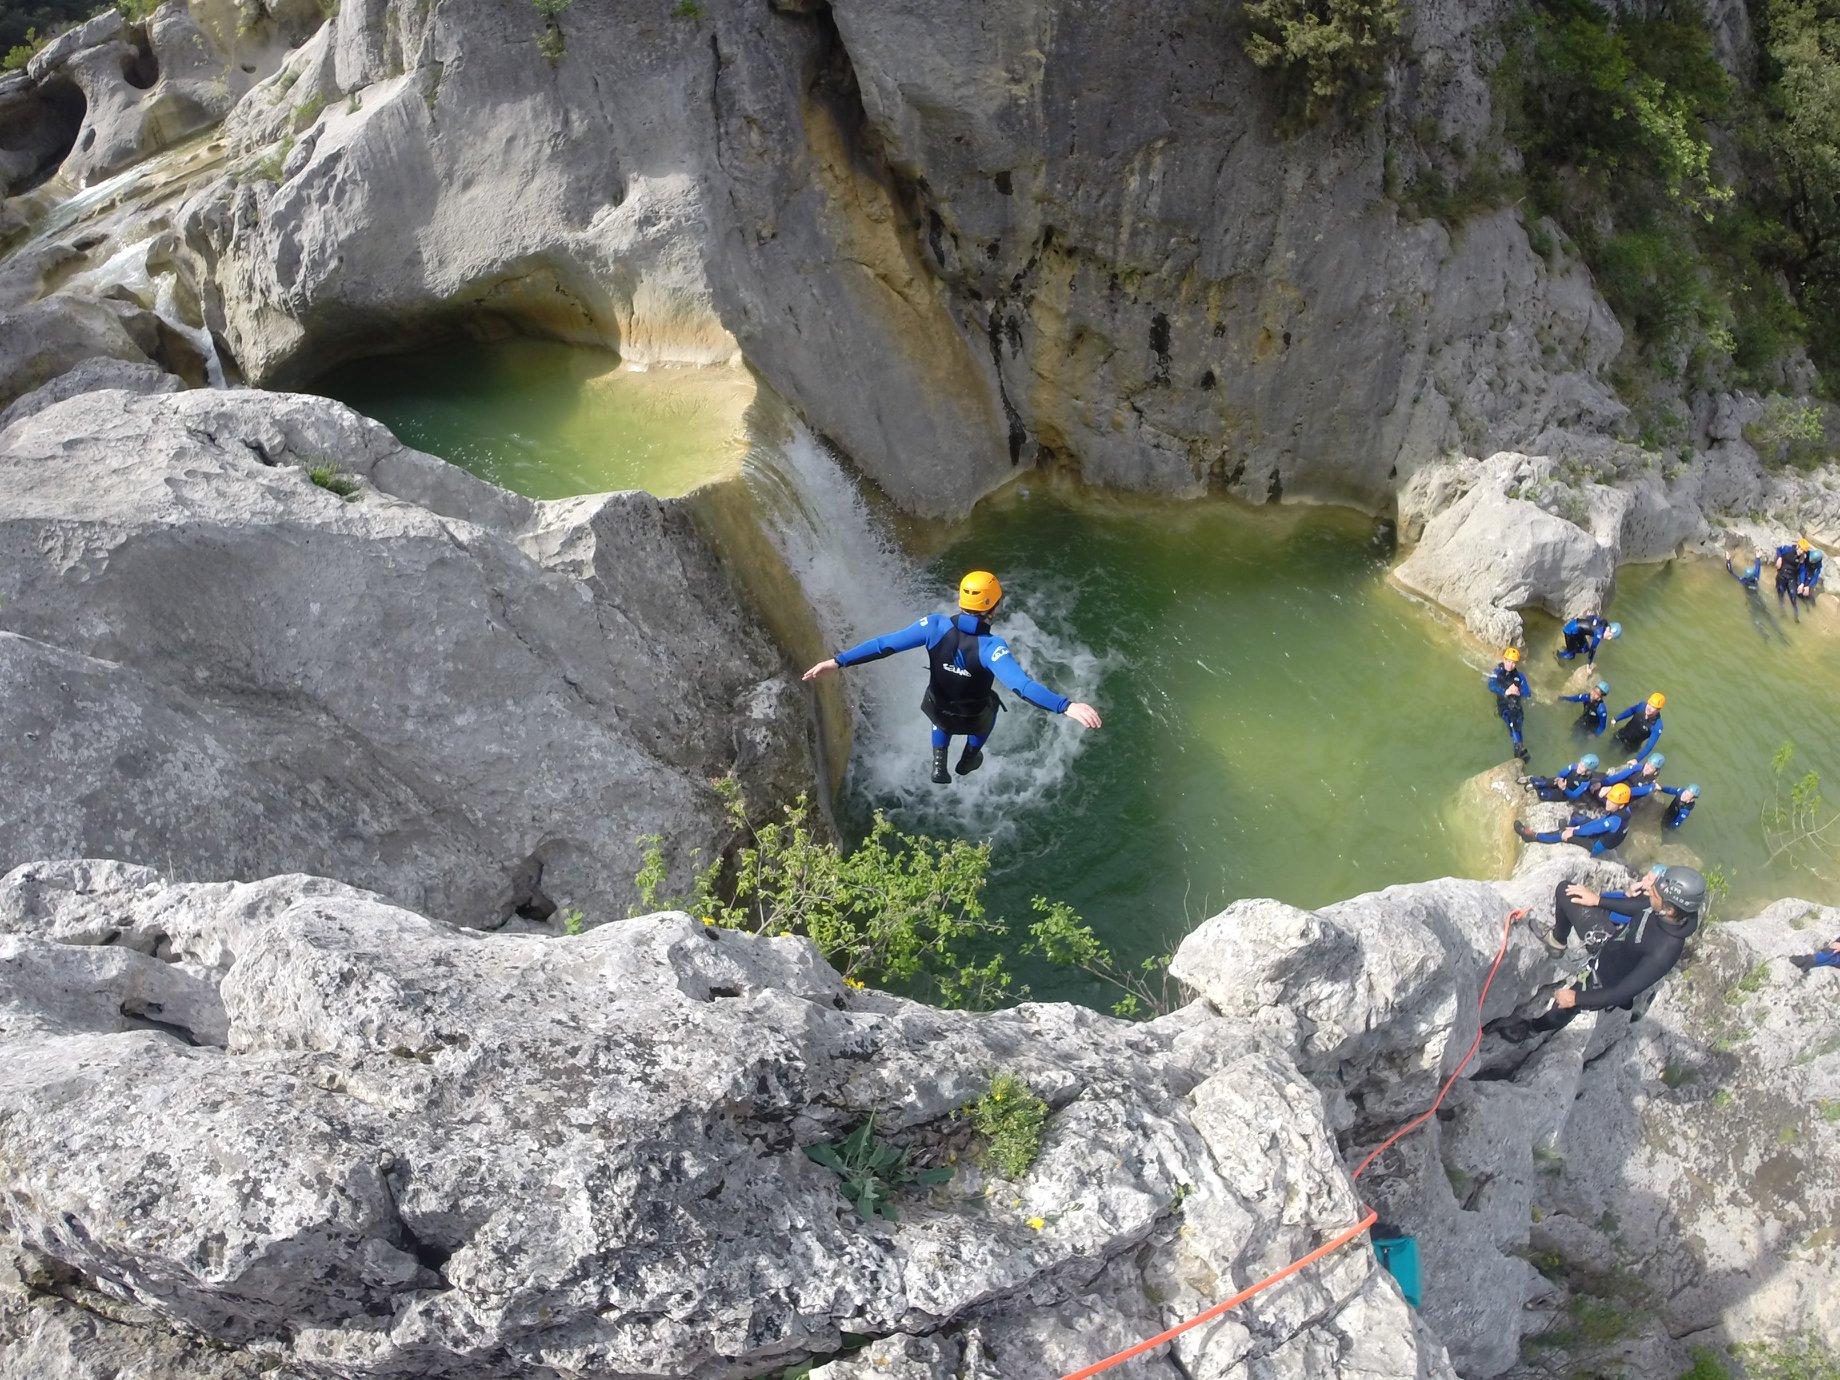 Activités de pleine nature, le Canyoning